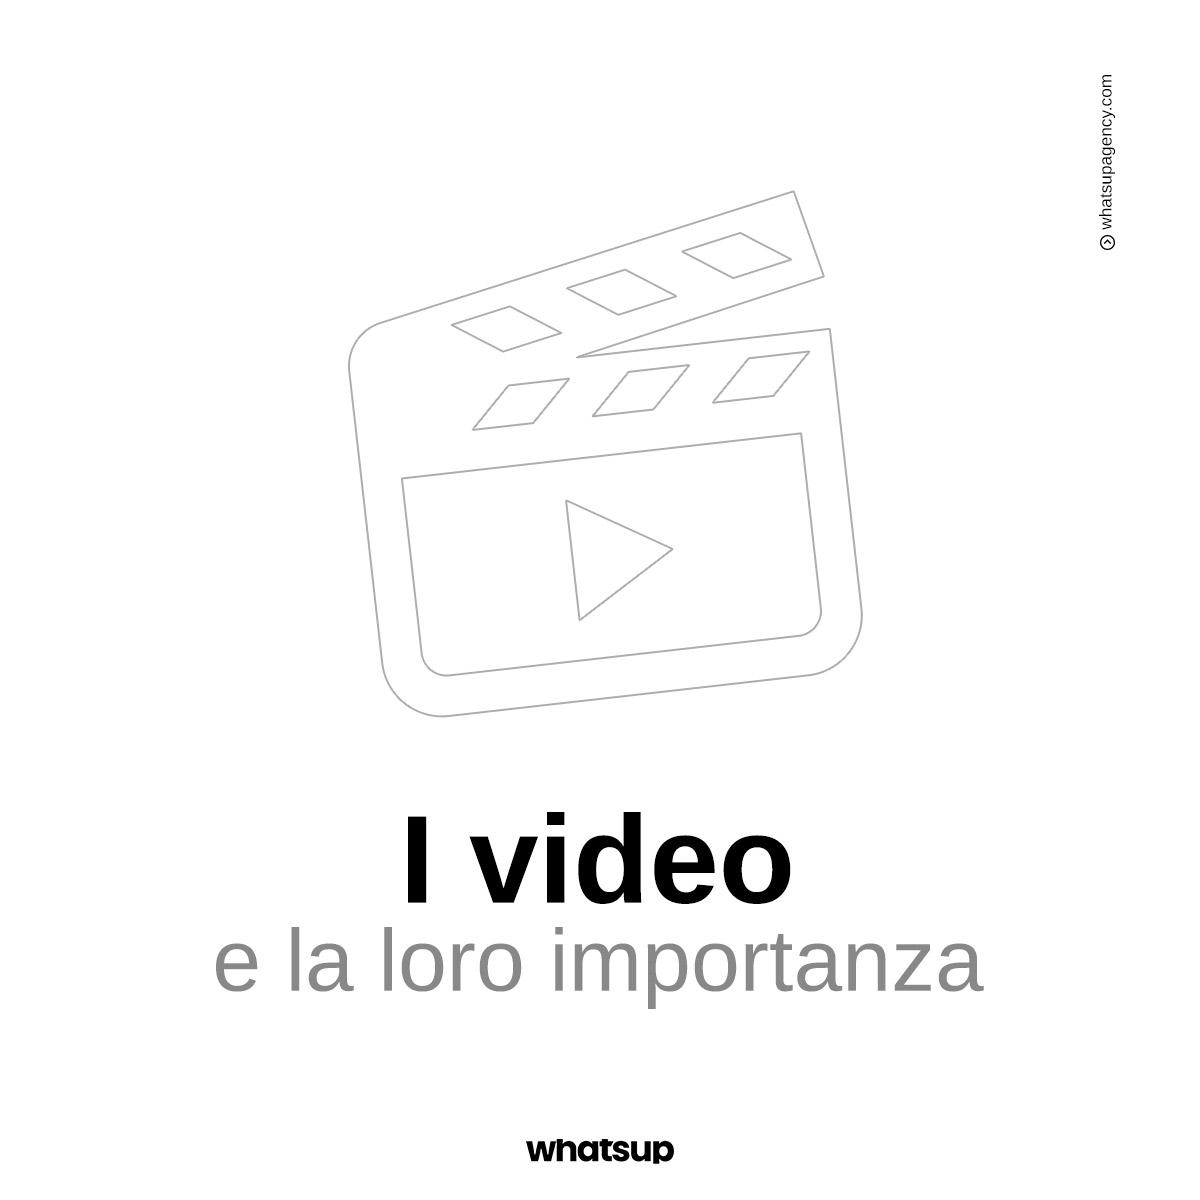 L'importanza dei format video sui social